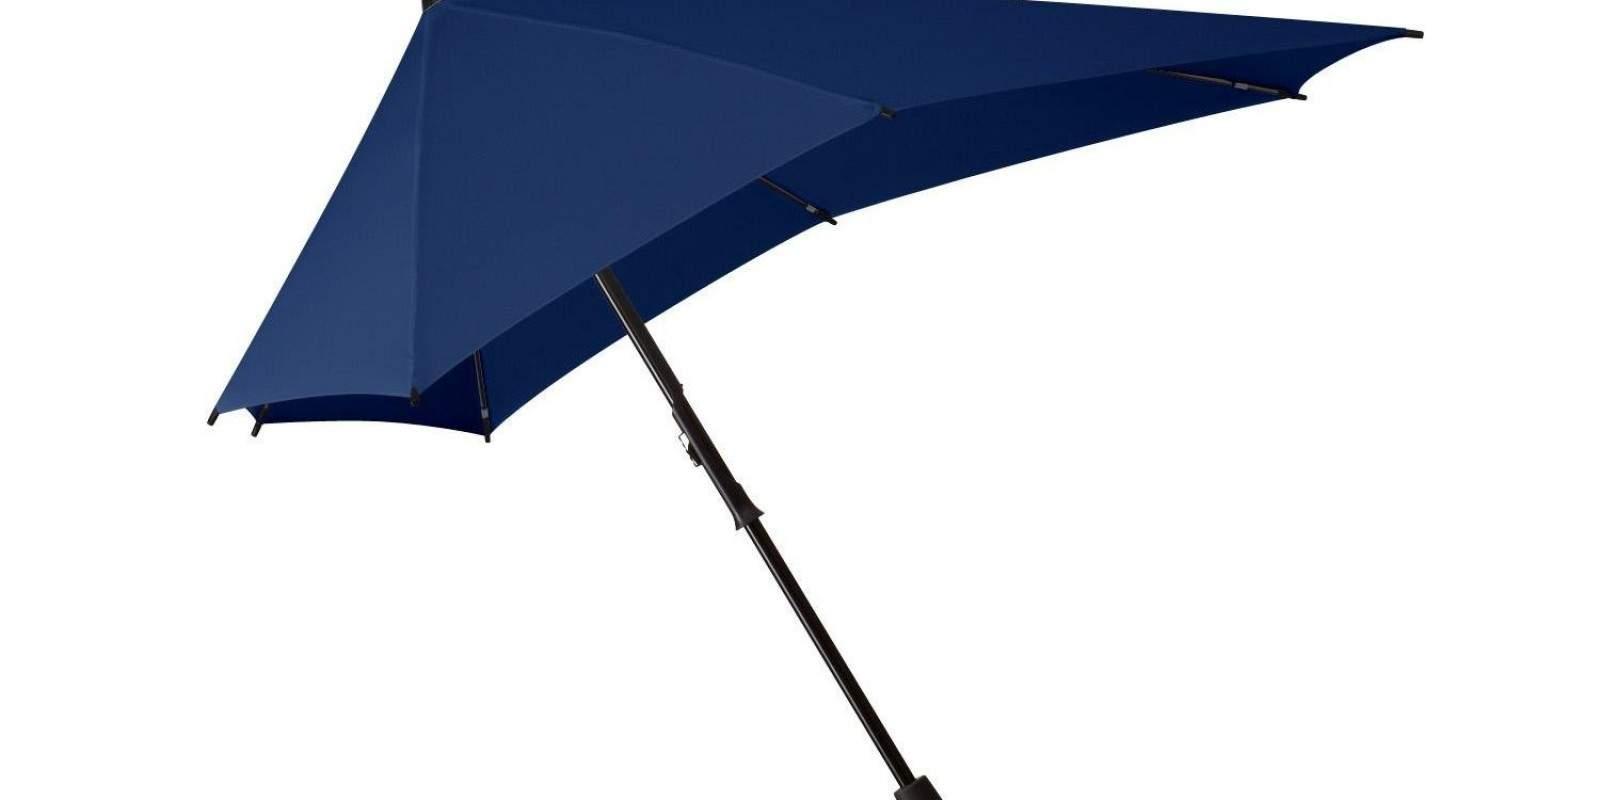 nouvelle arrivee aa063 e2d18 parapluie tempete